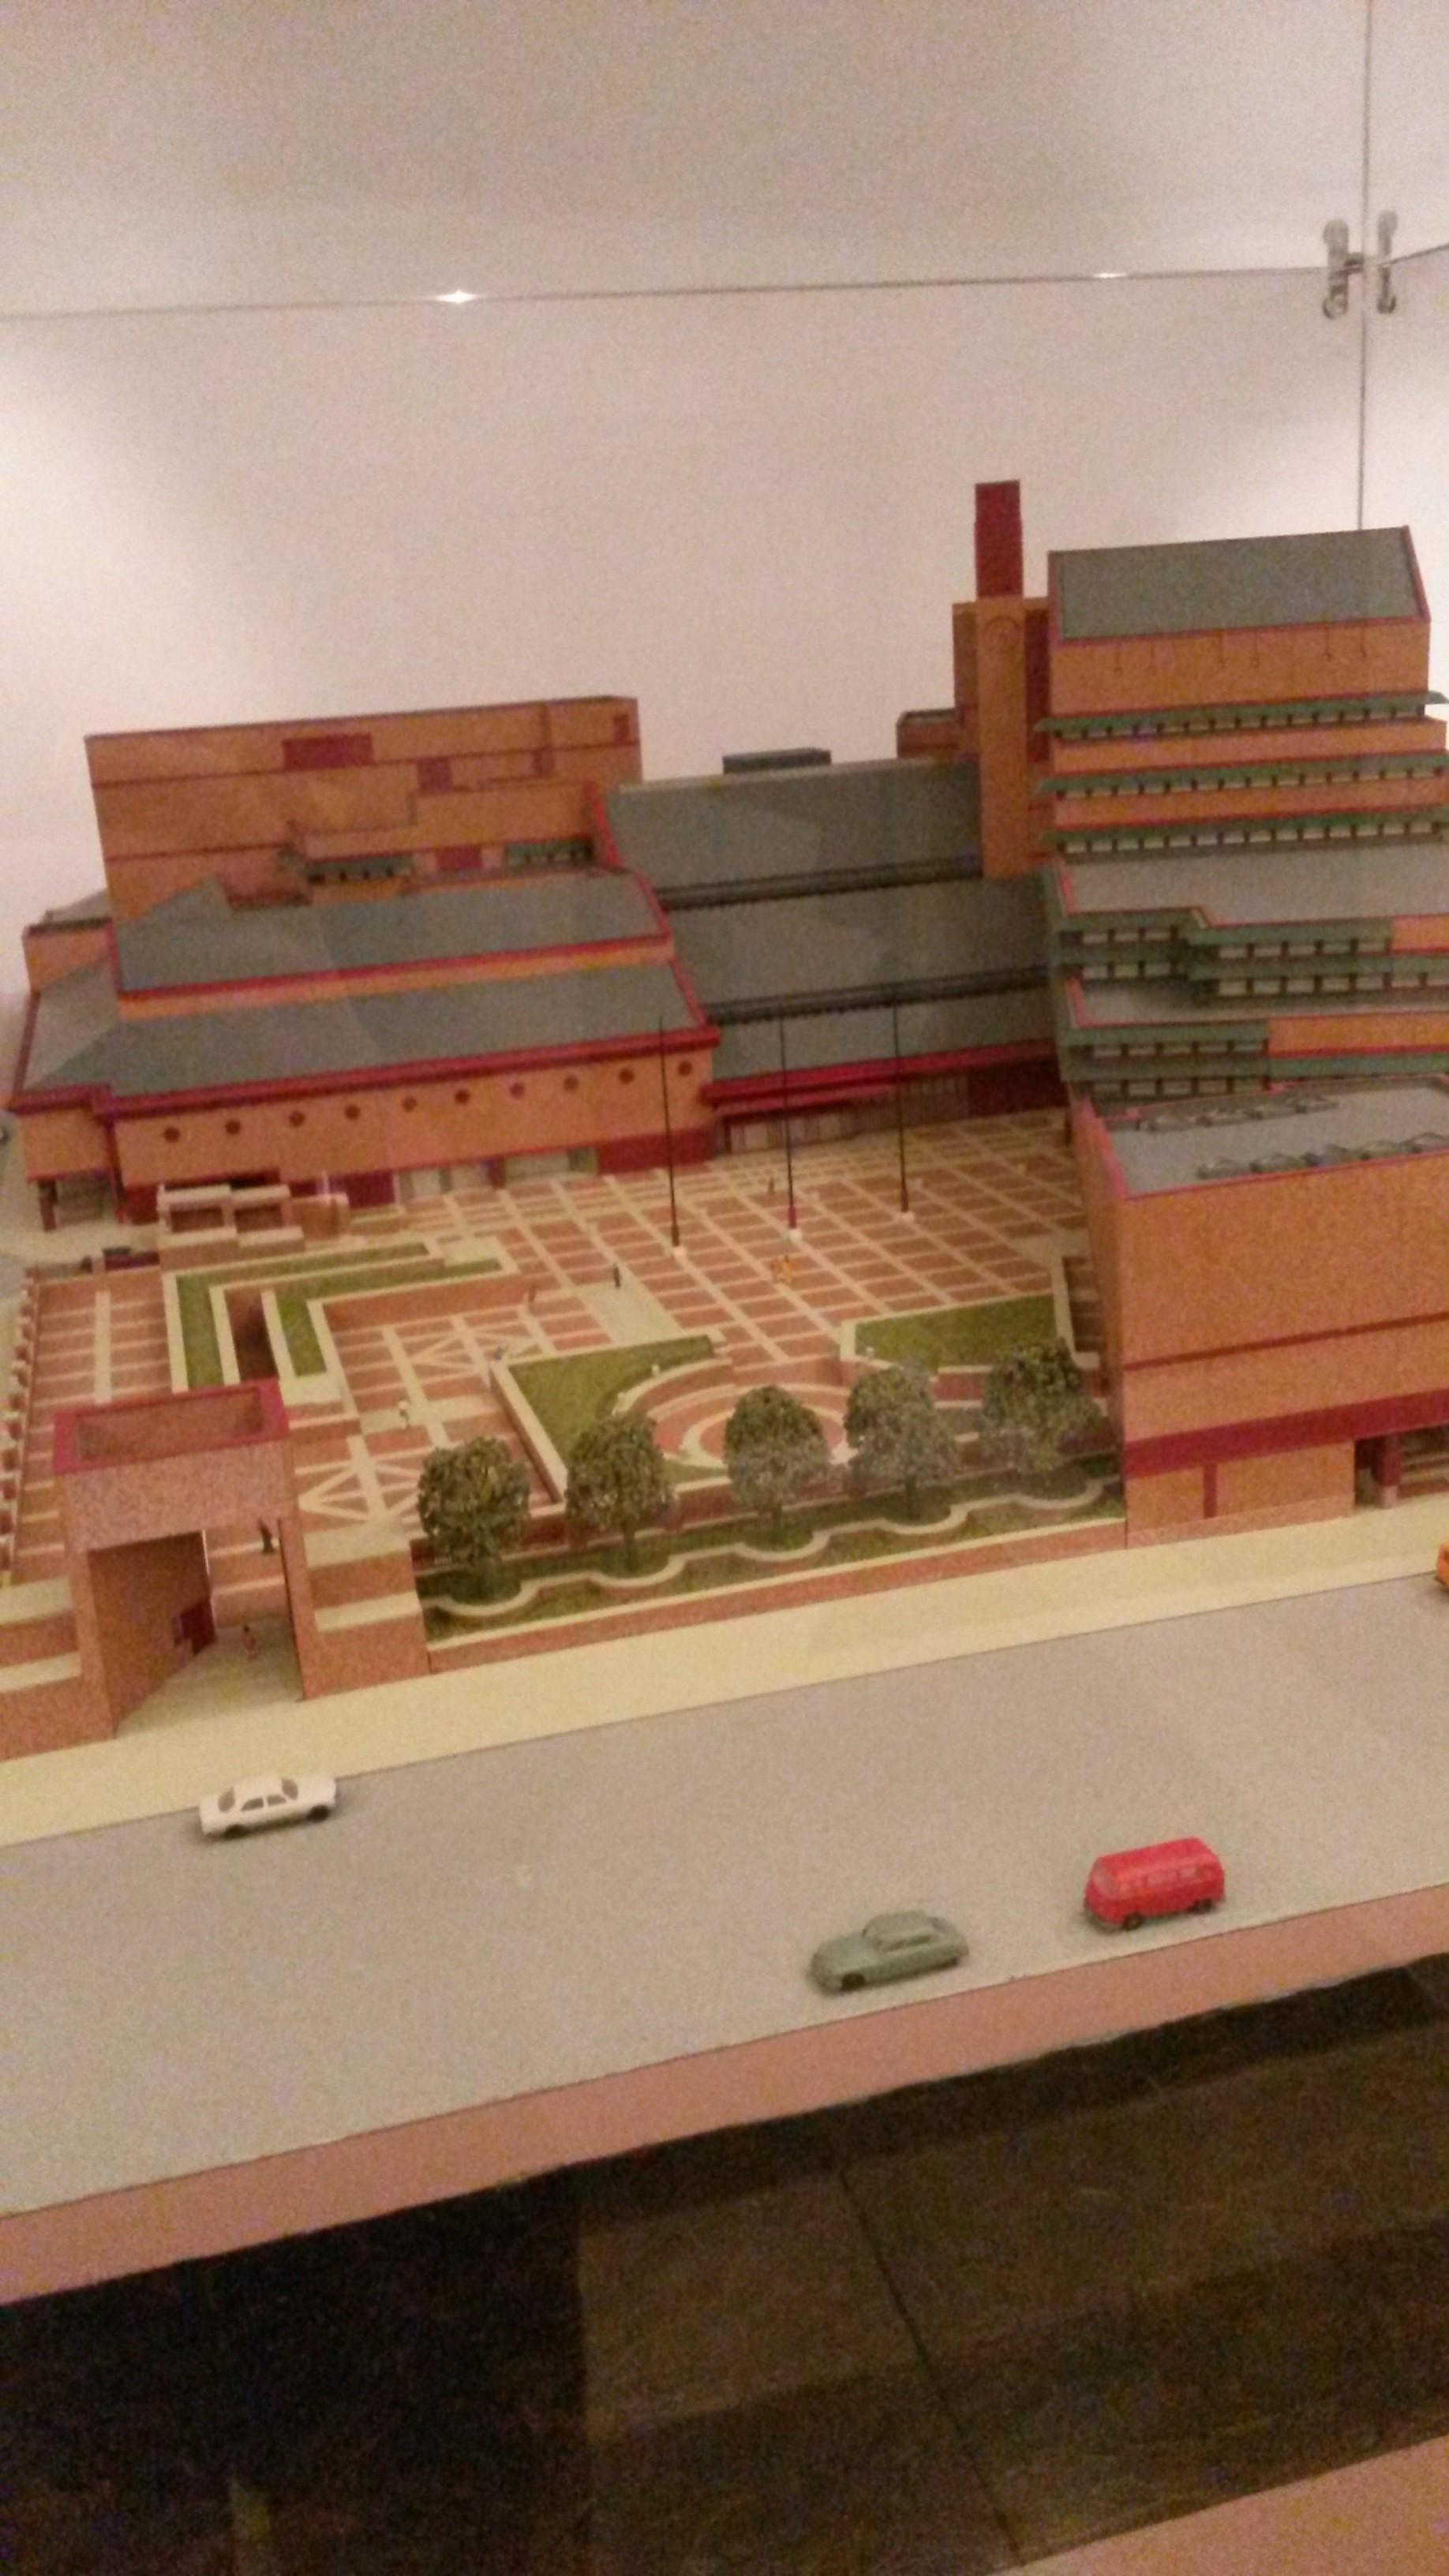 Ein Miniaturmodell der British Library